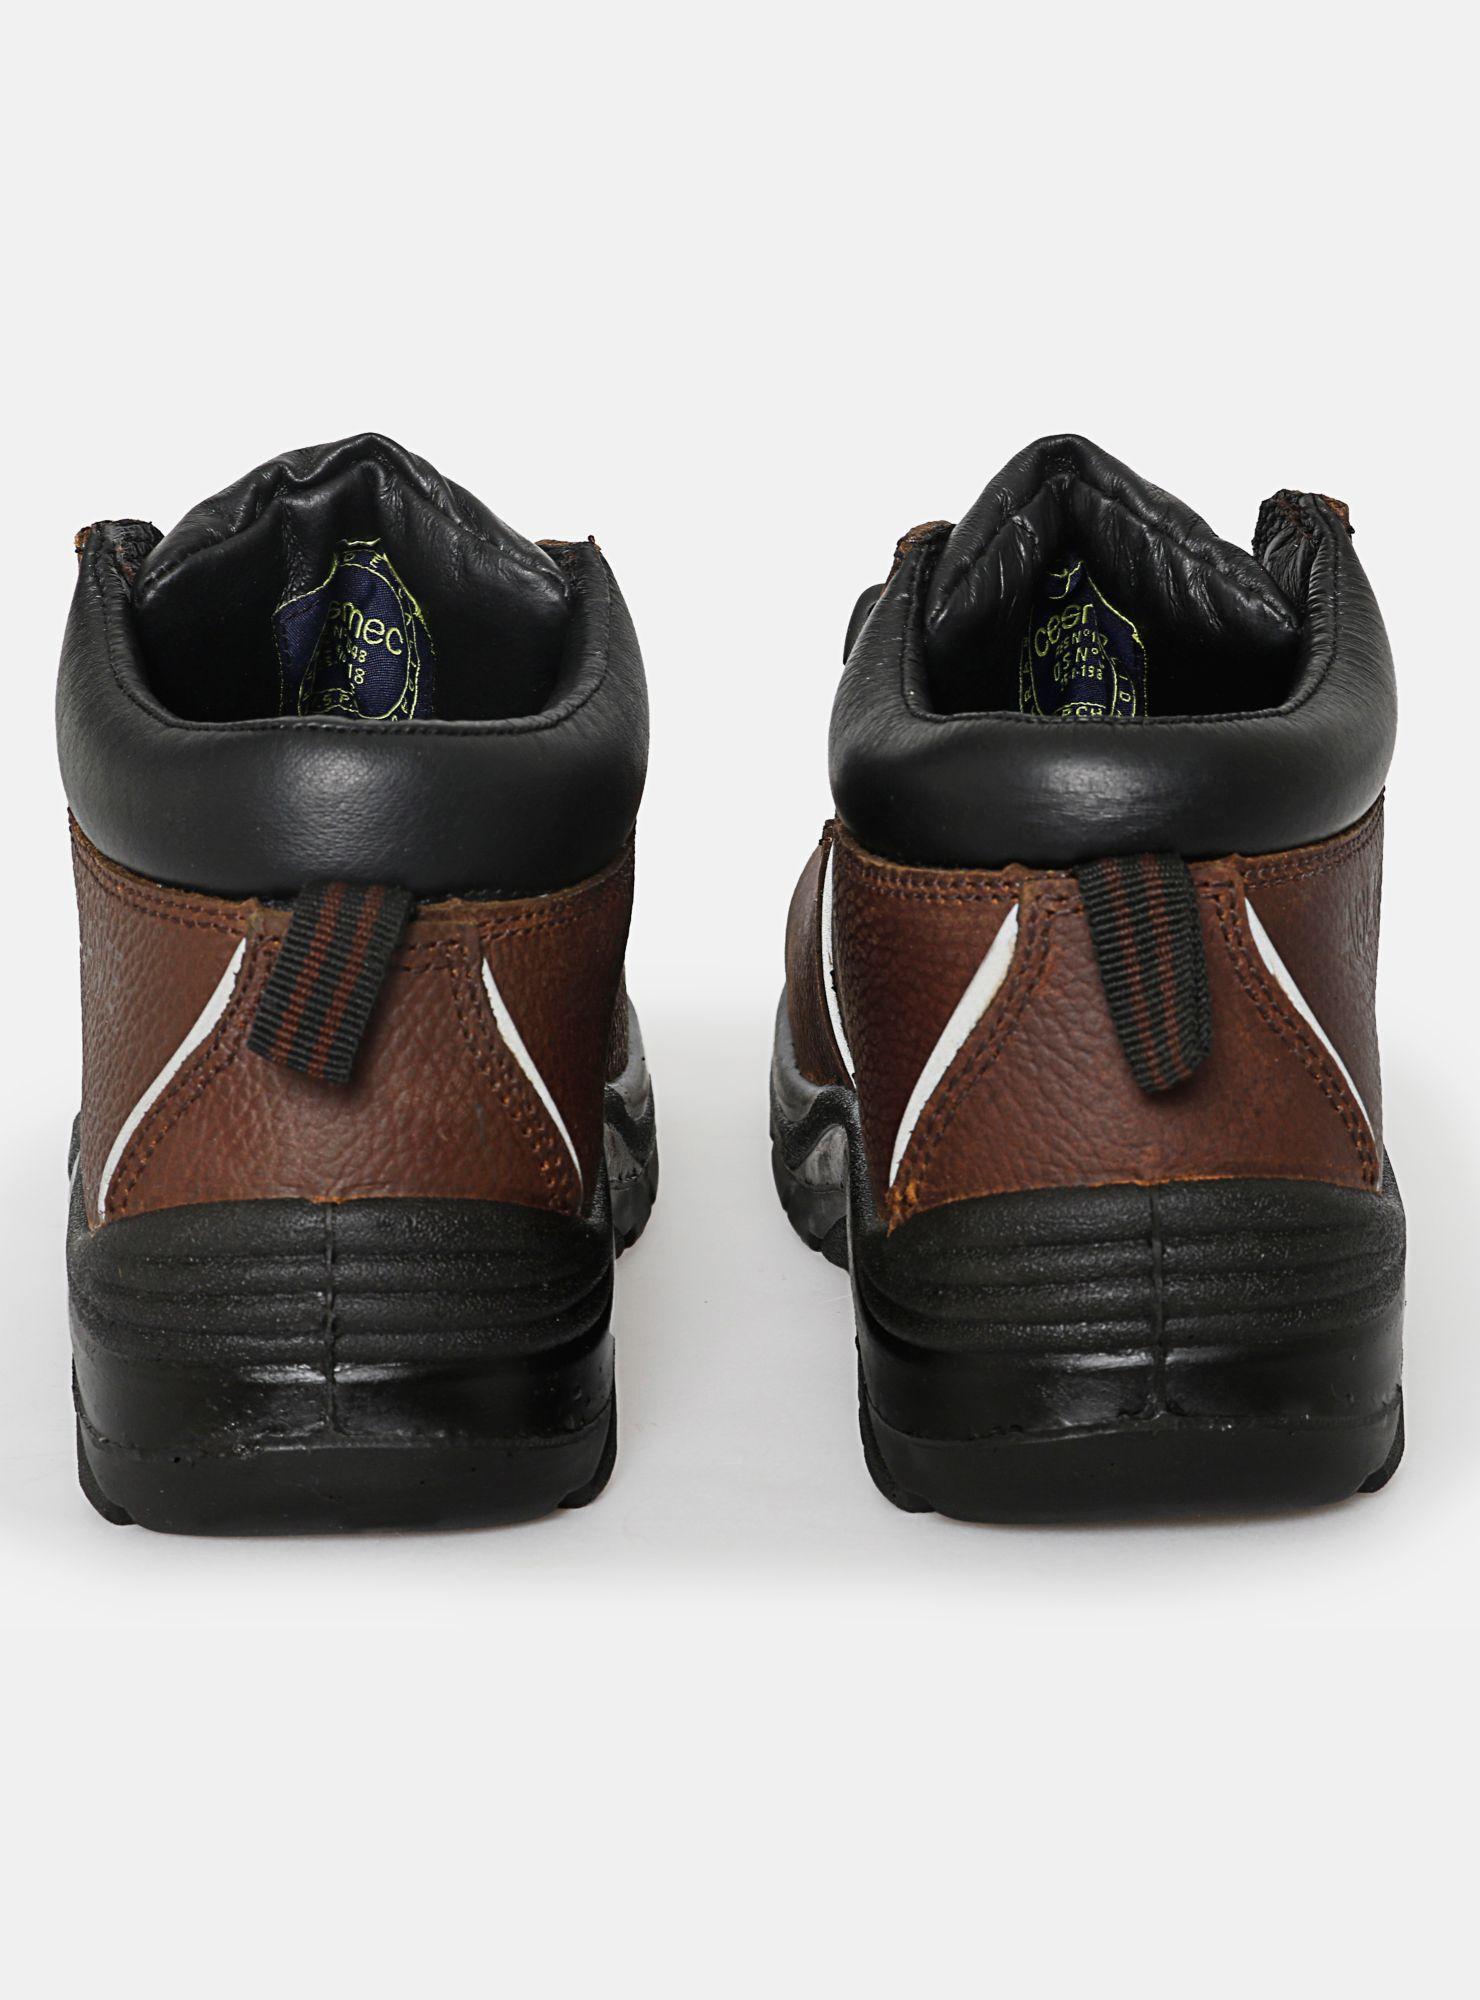 En Nazca Zapato Seguridad Thor De Hombre ZapatosParis bgf6yIY7v